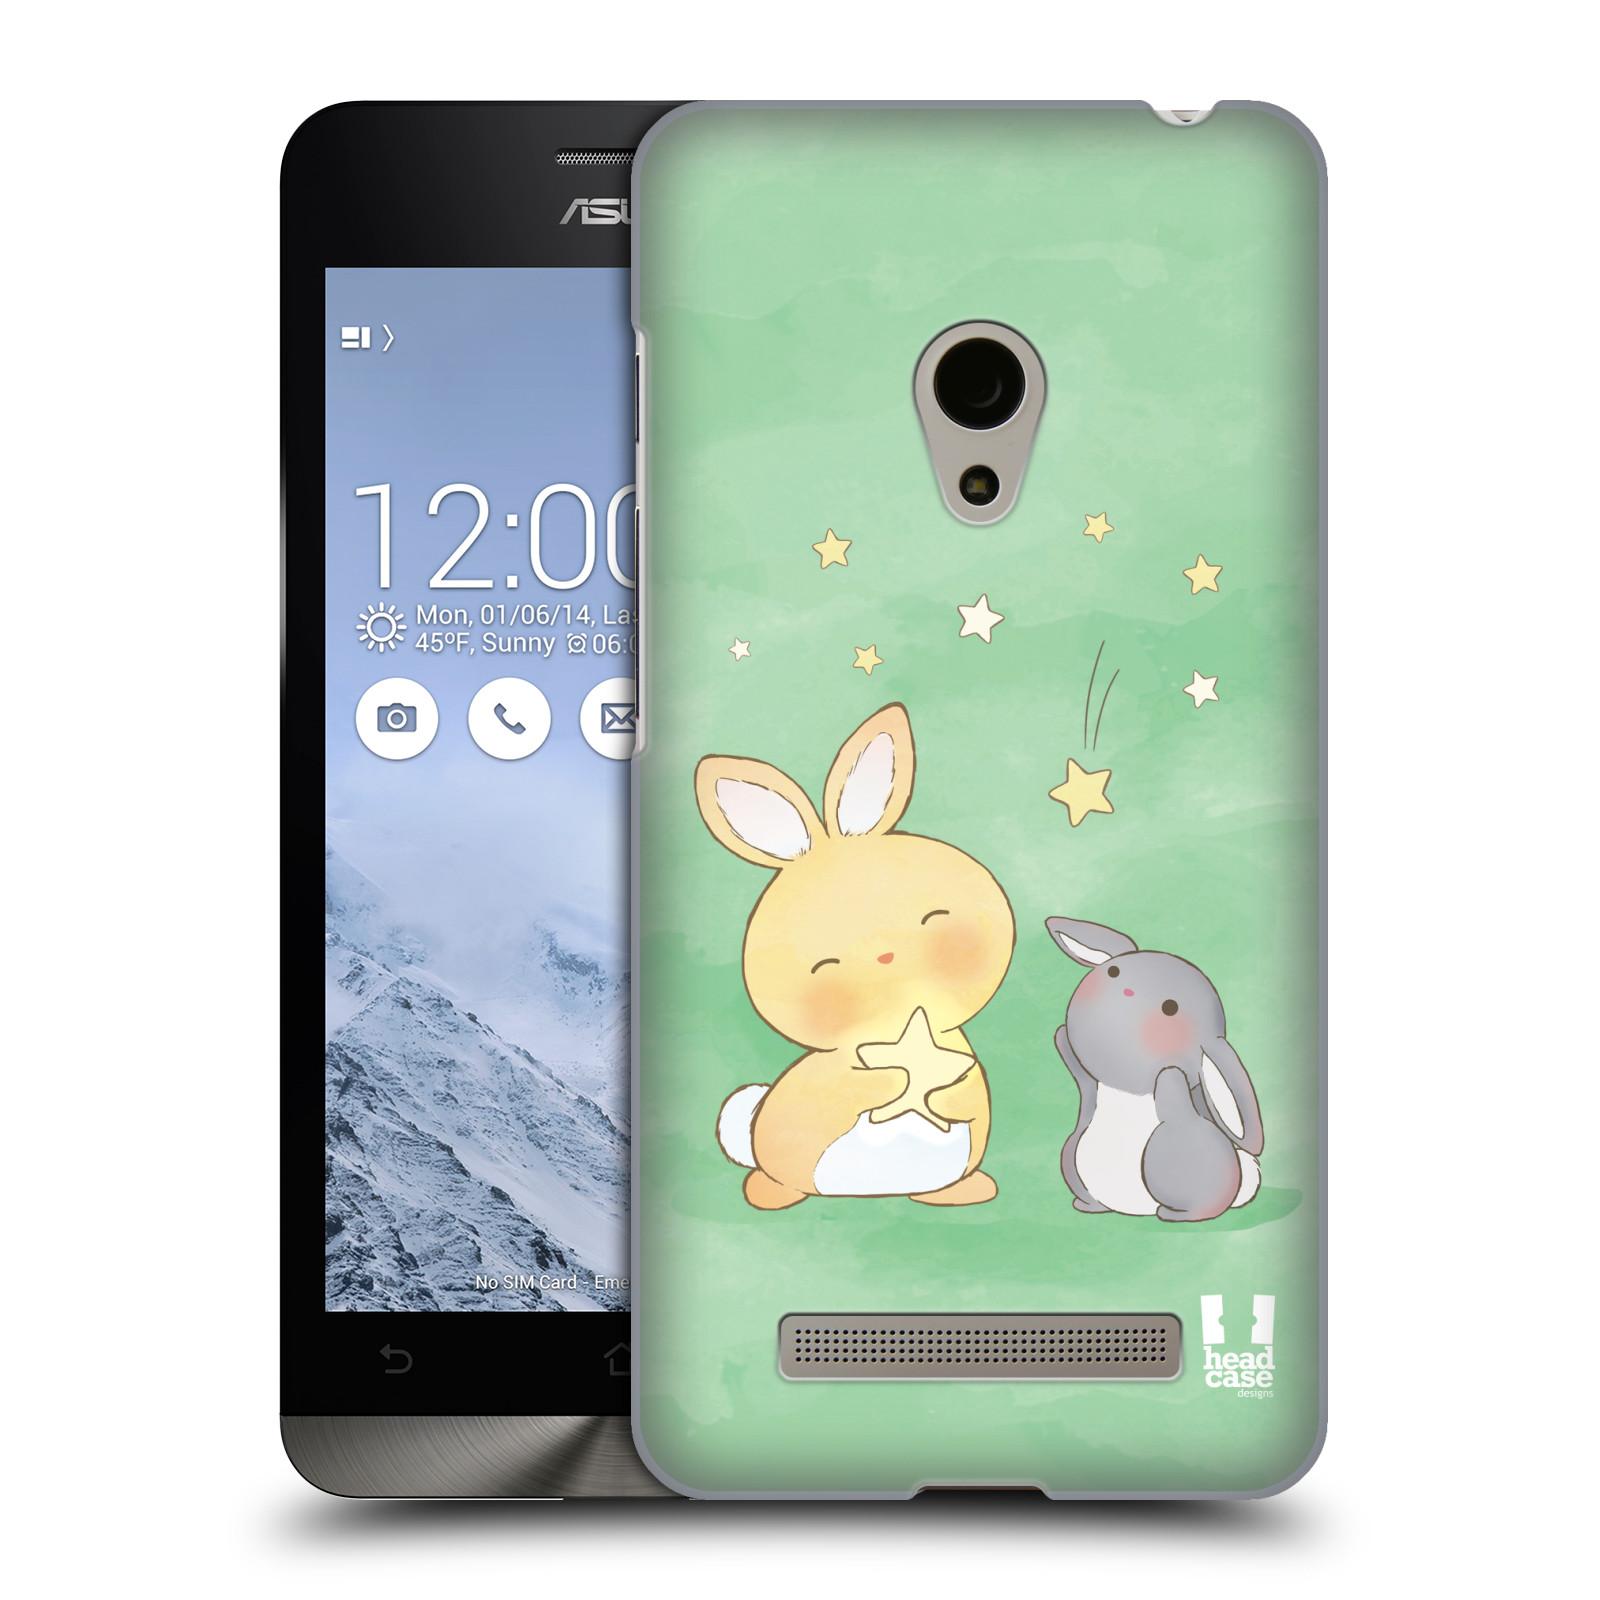 HEAD CASE plastový obal na mobil Asus Zenfone 5 vzor králíček a hvězdy zelená